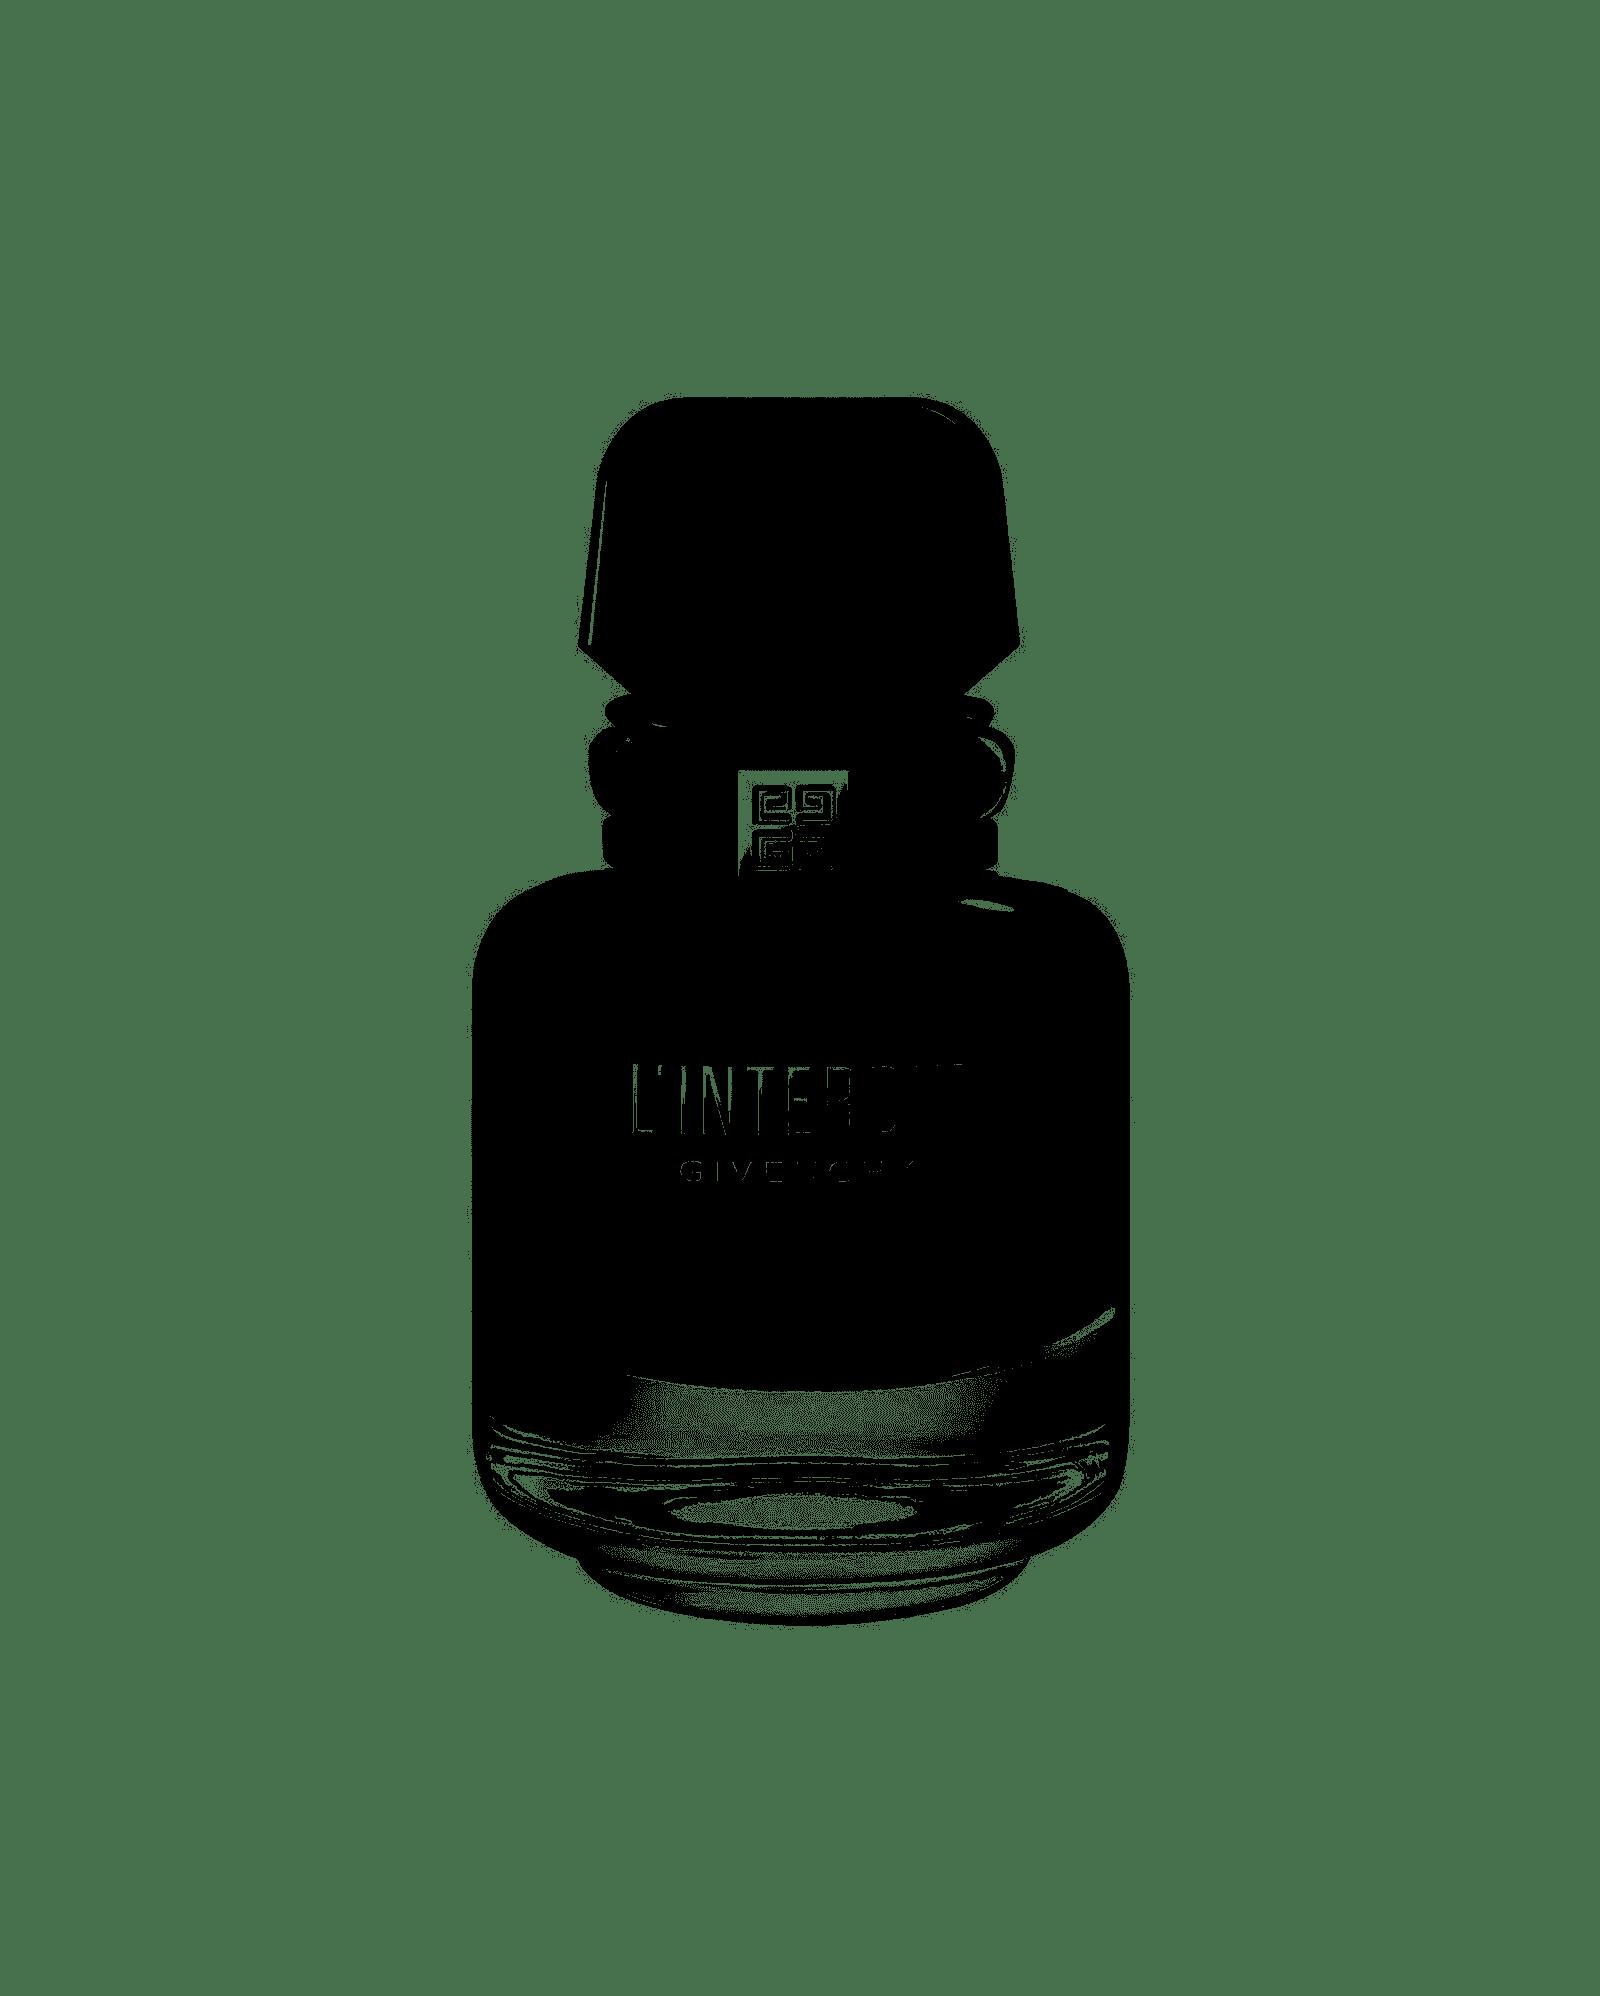 Linterdit  Eau de Parfum Intense Givenchy 80 ml